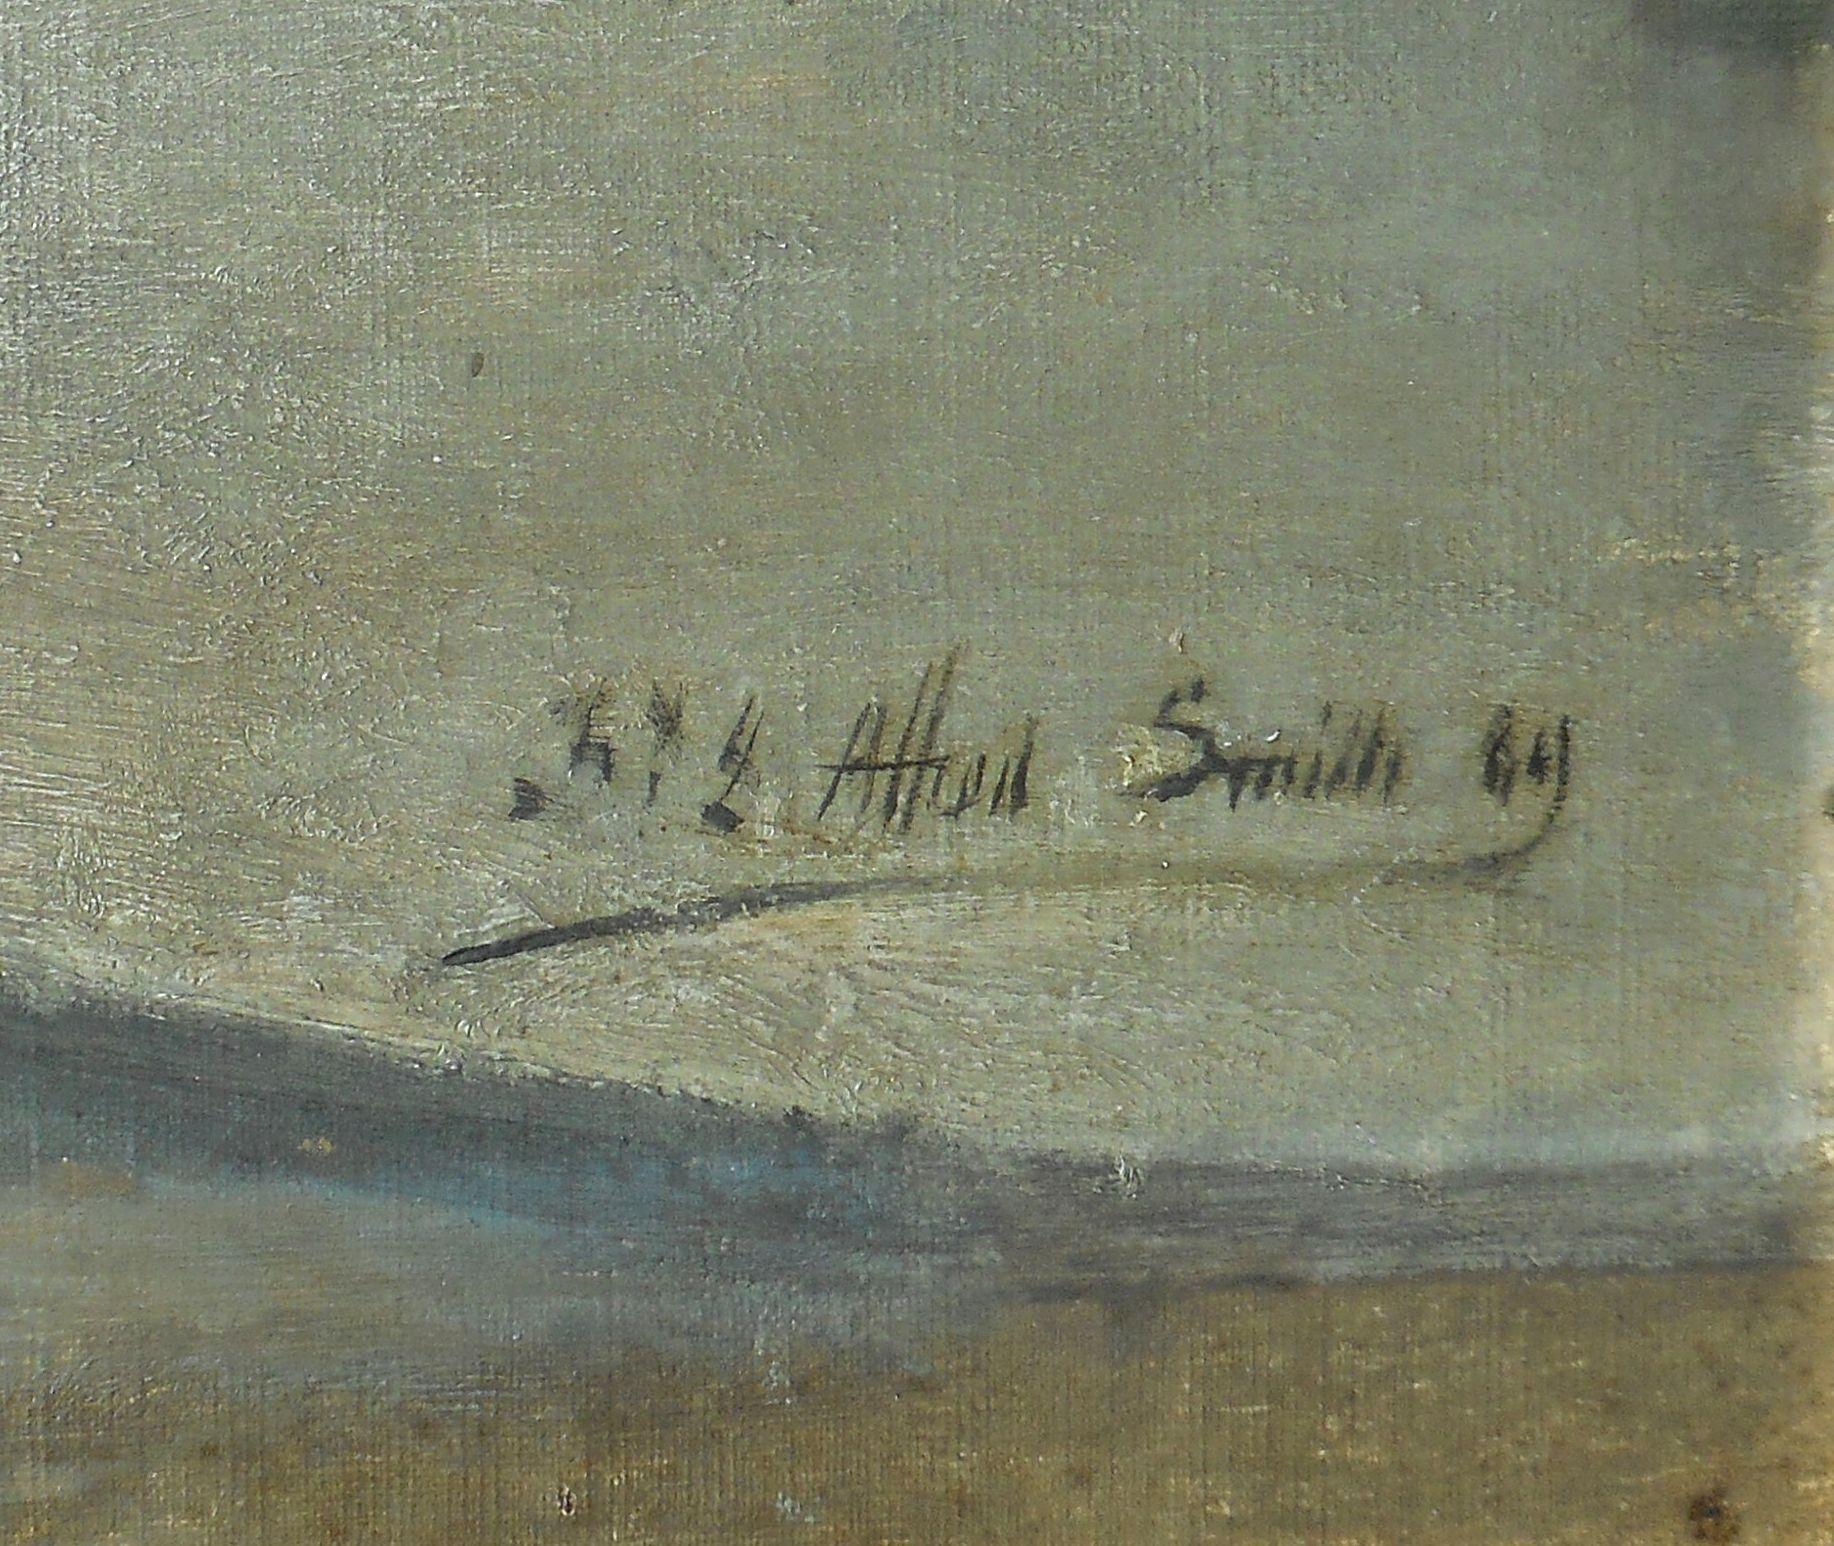 Signature Alfred Smith